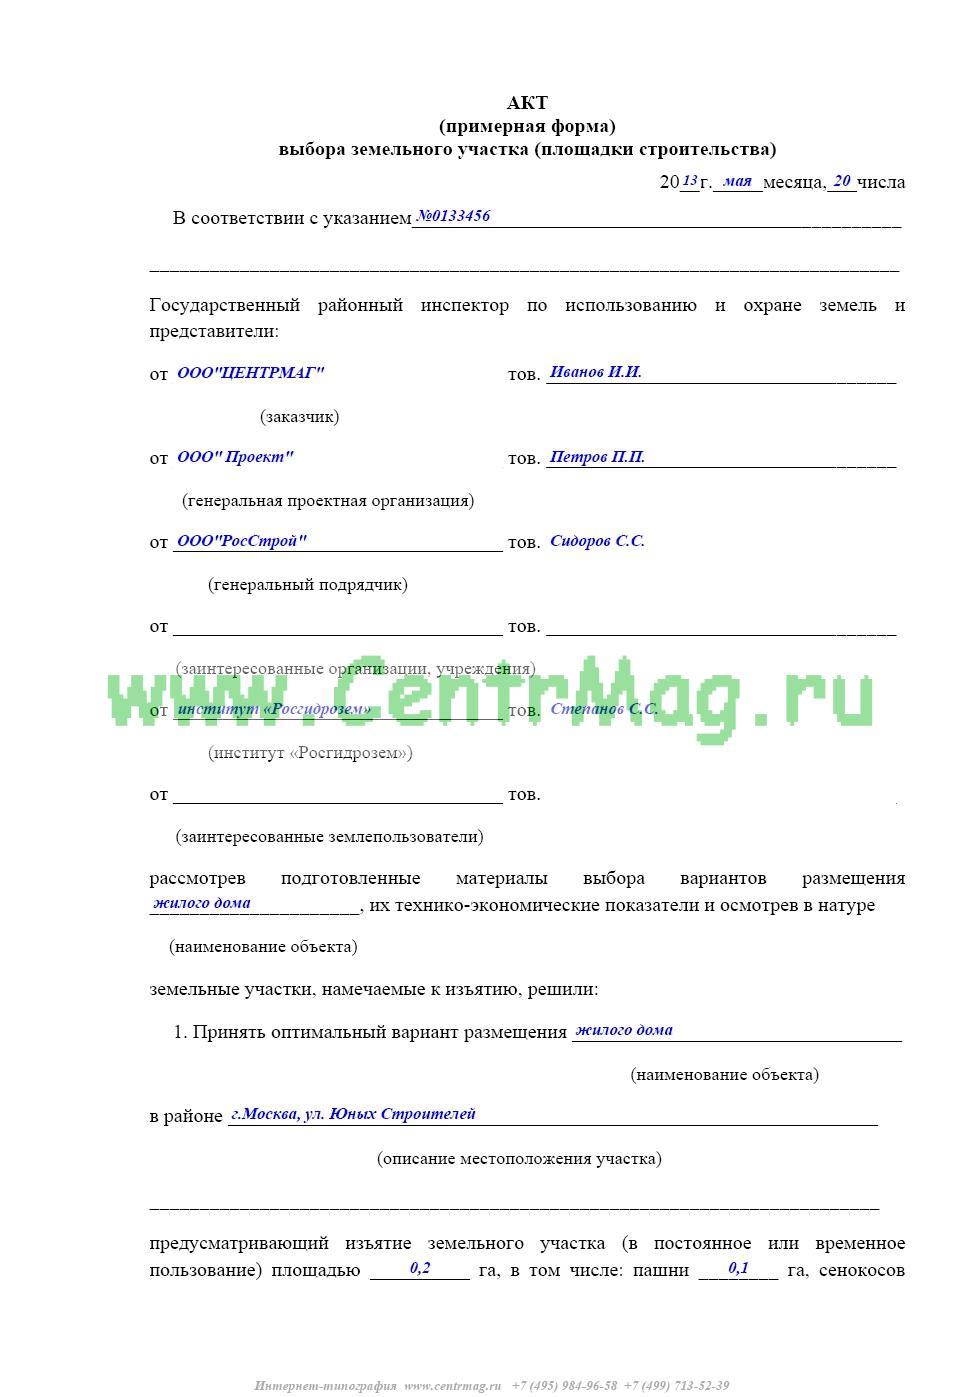 Больничный лист Москва Донской сзао